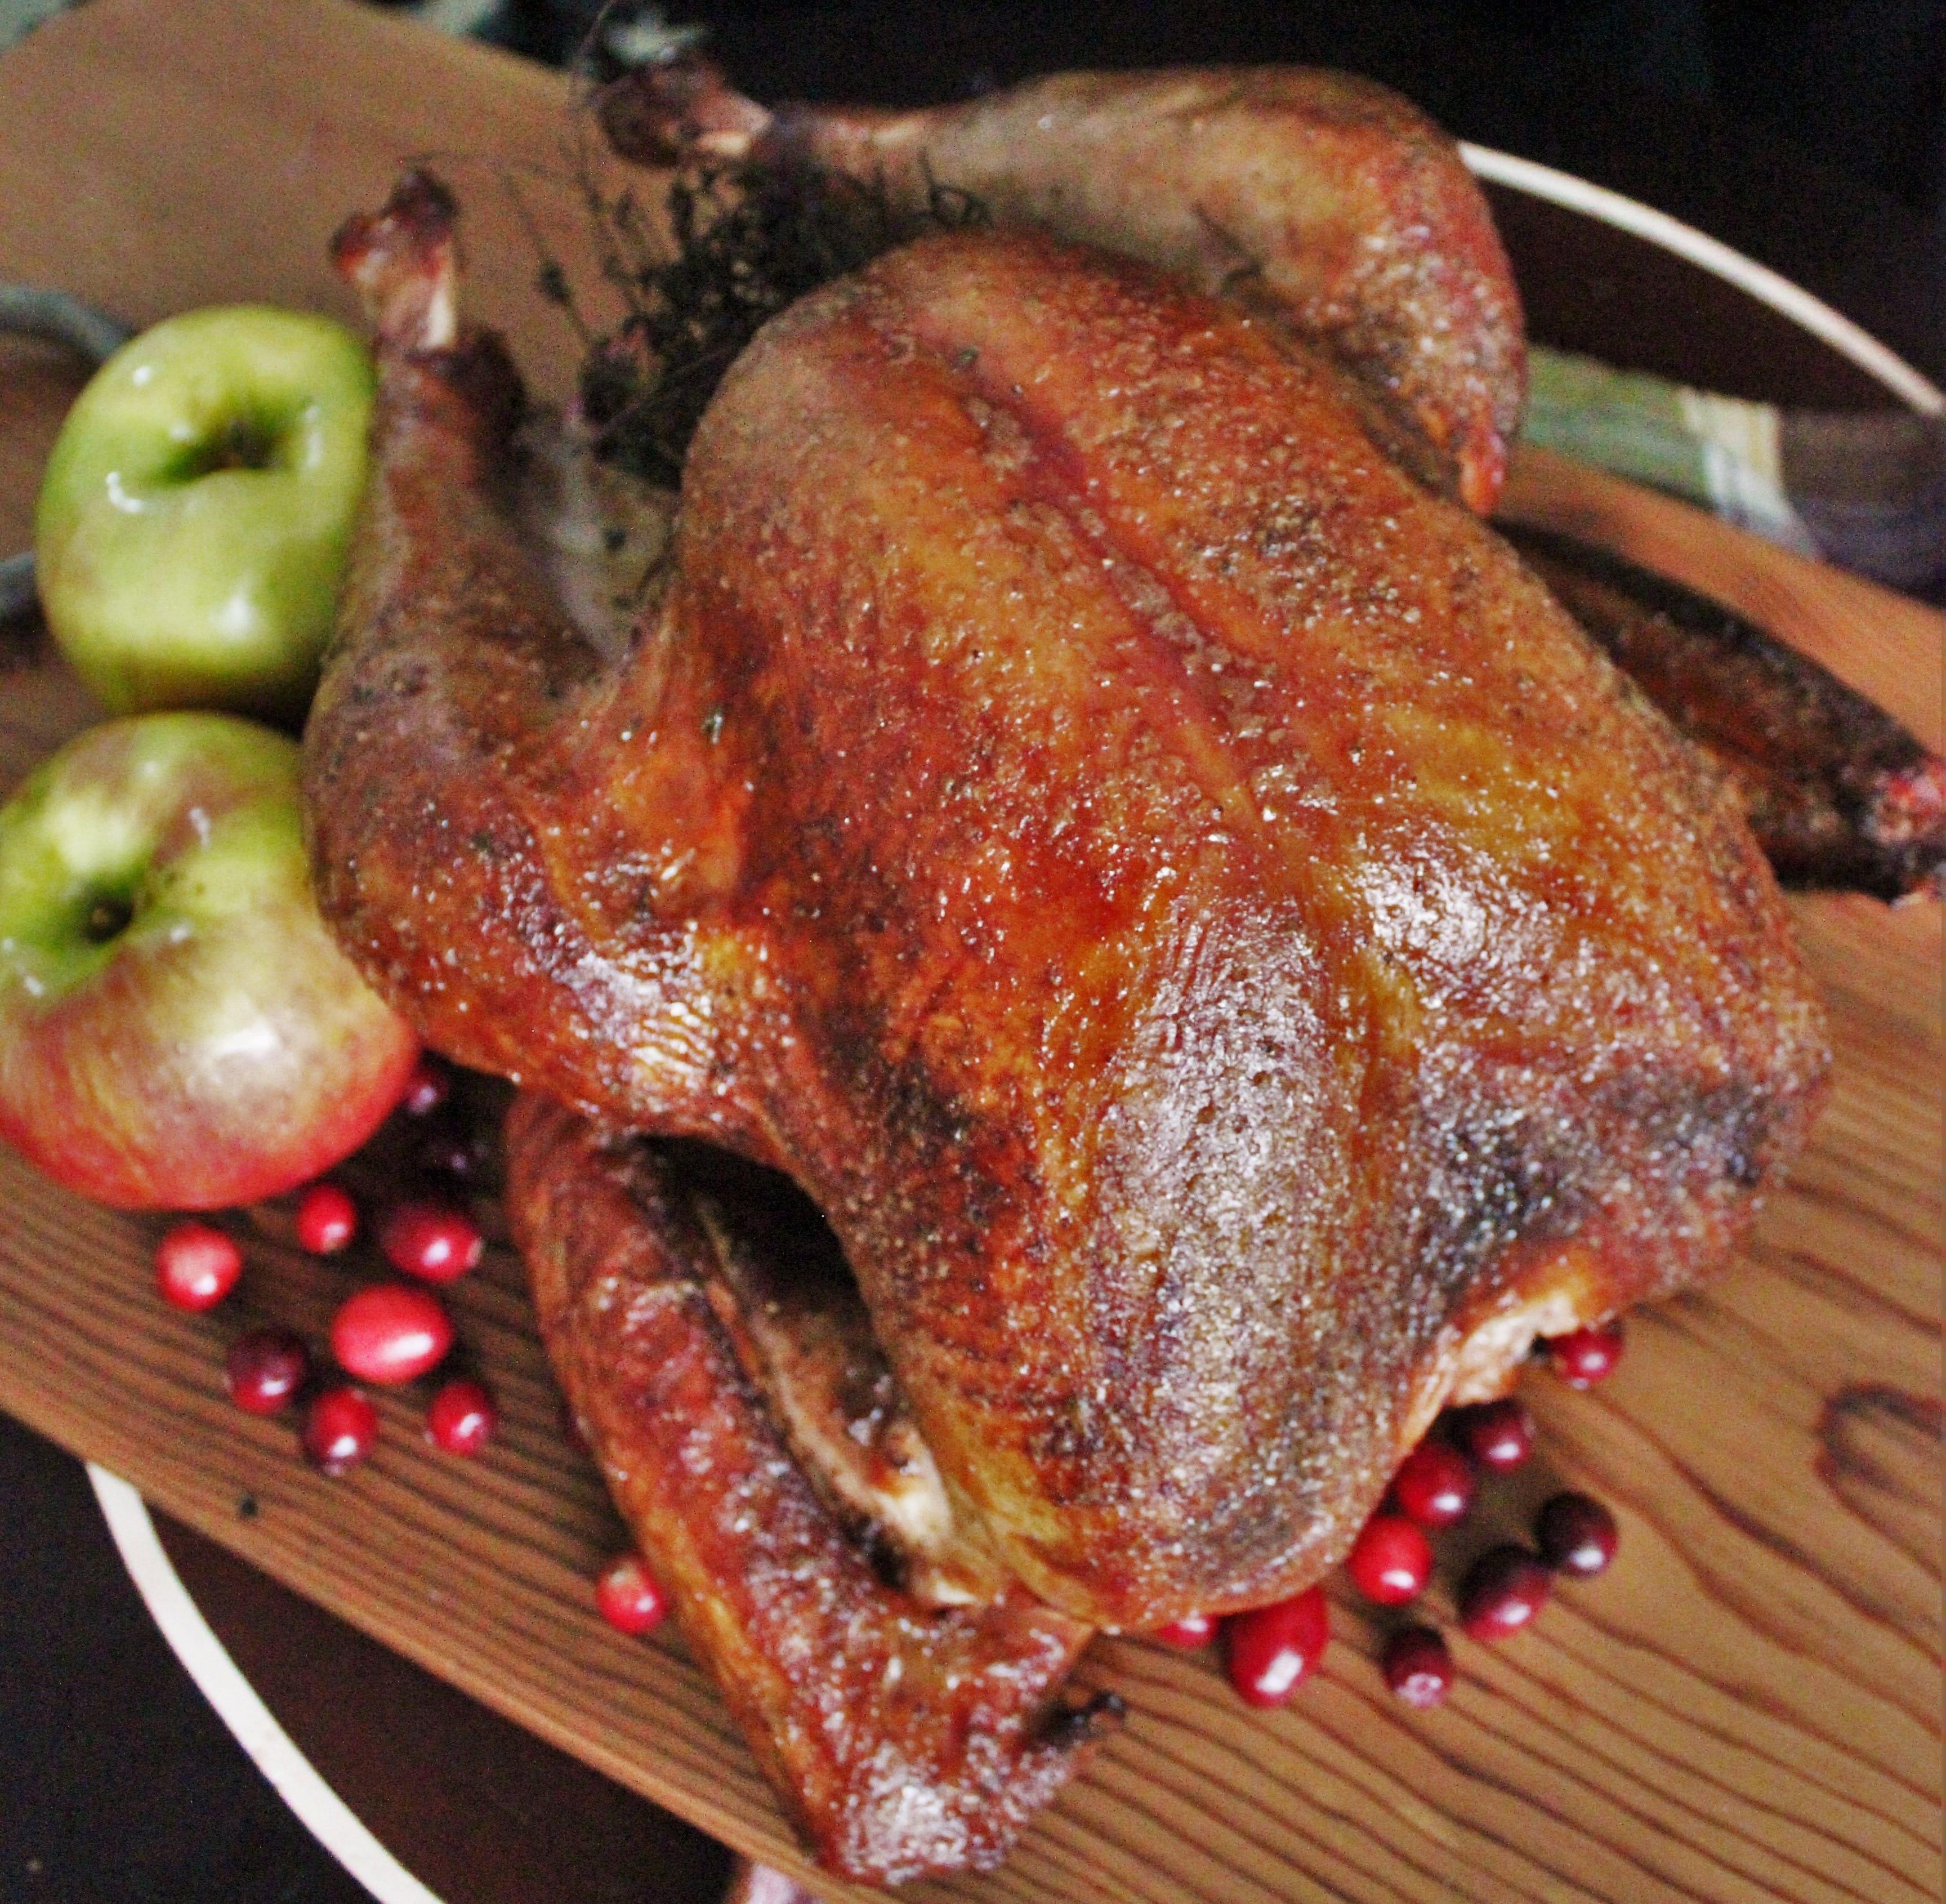 Apple Spice Brined Turkey